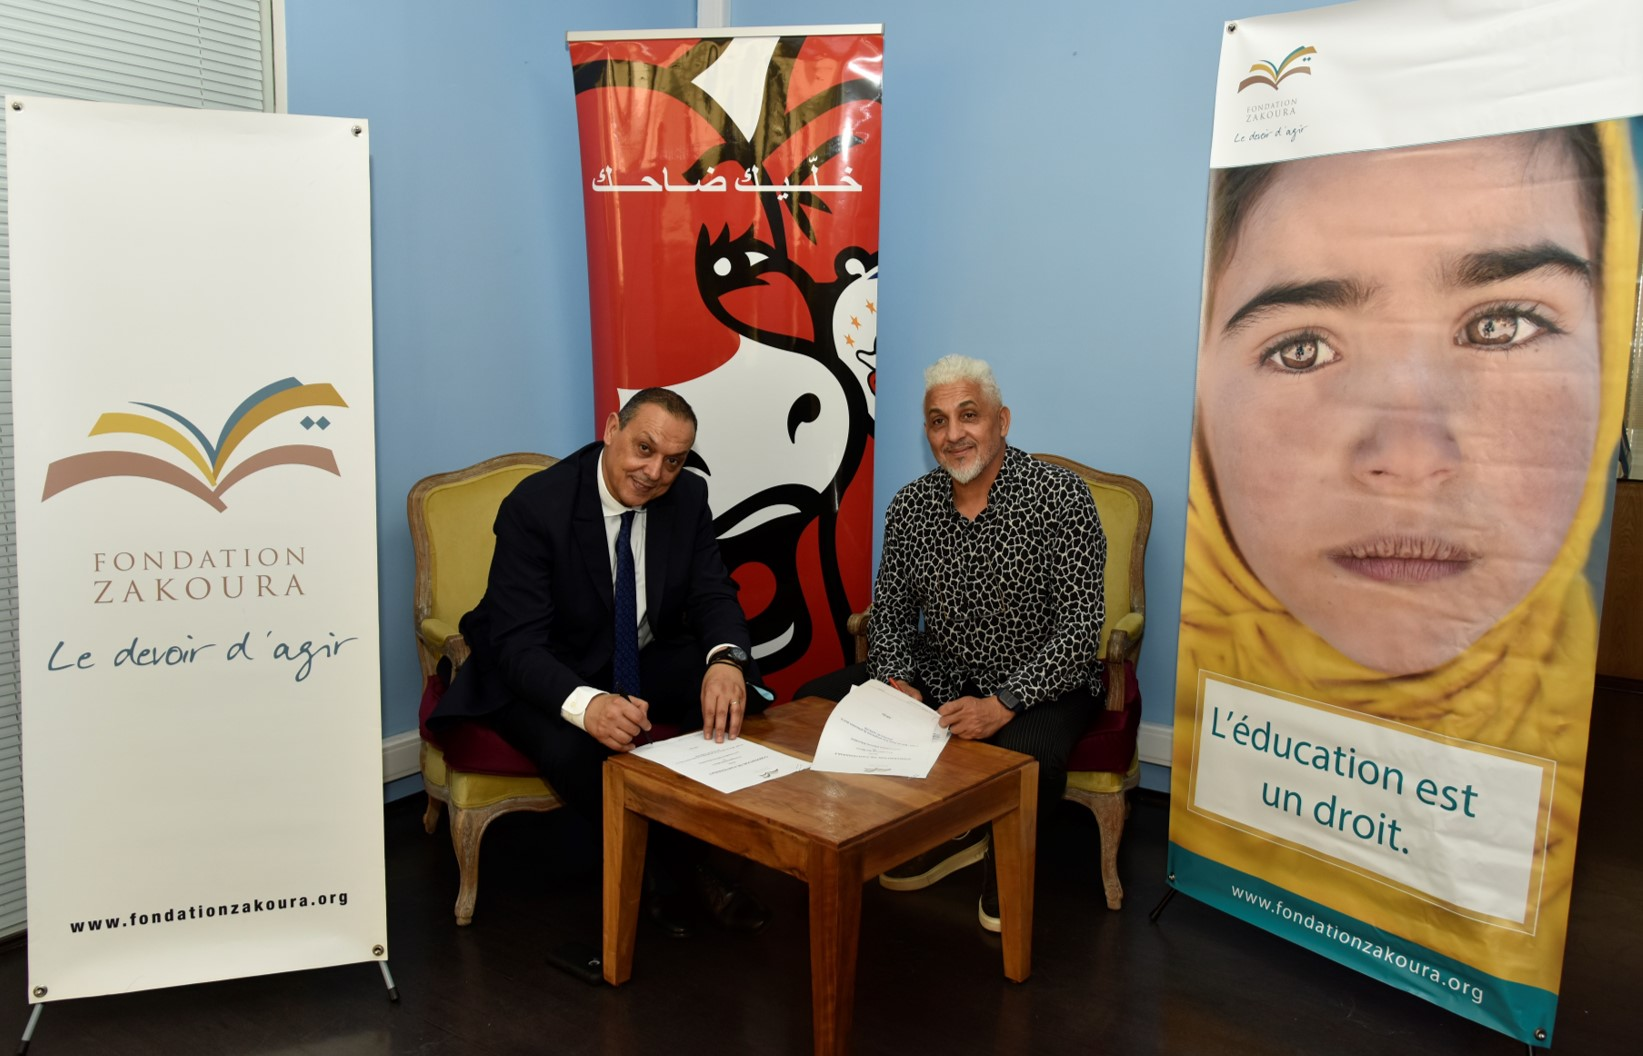 Fromageries BEL Maroc s'associe à la Fondation Zakoura pour développer l'éducation préscolaire